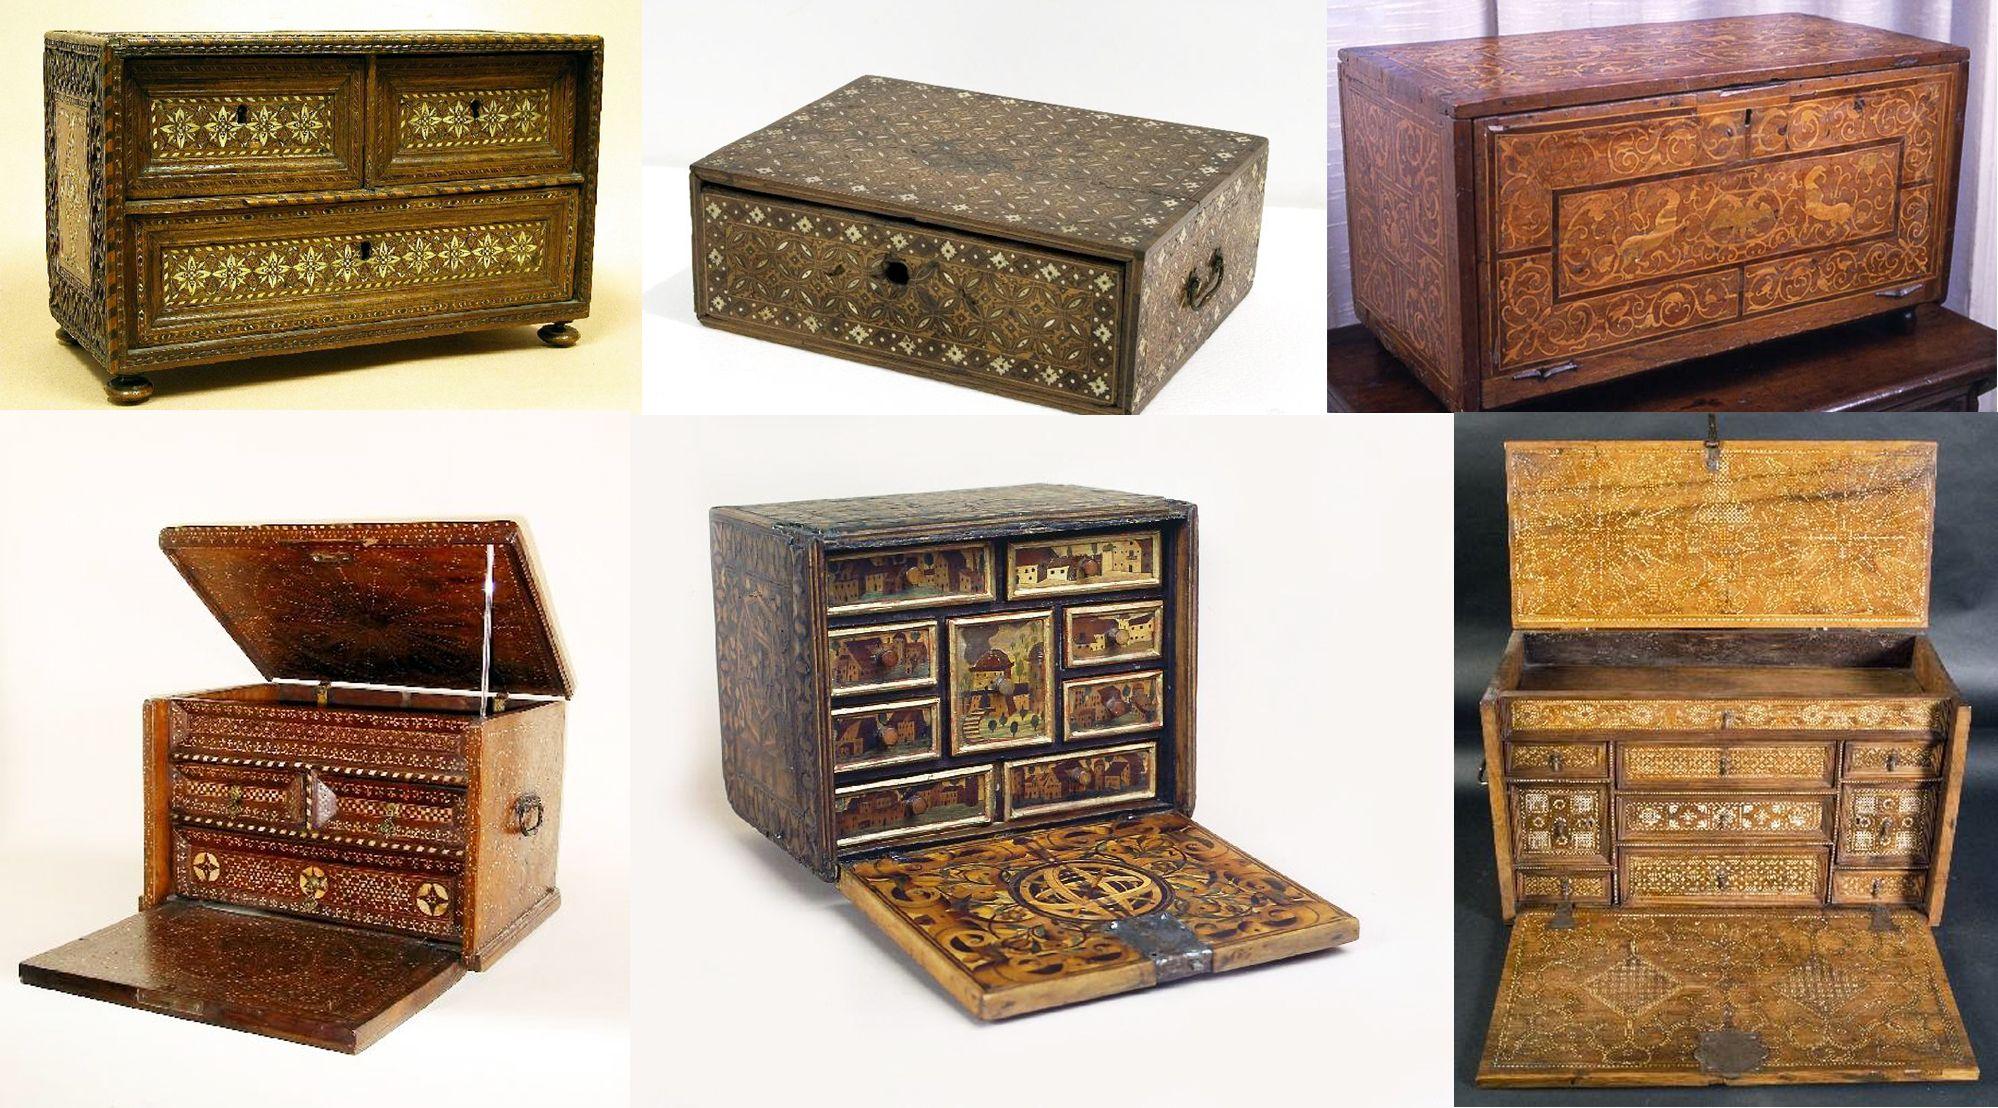 Mueble espa ol siglo xvii taller y medio gothic - El mueble es ...